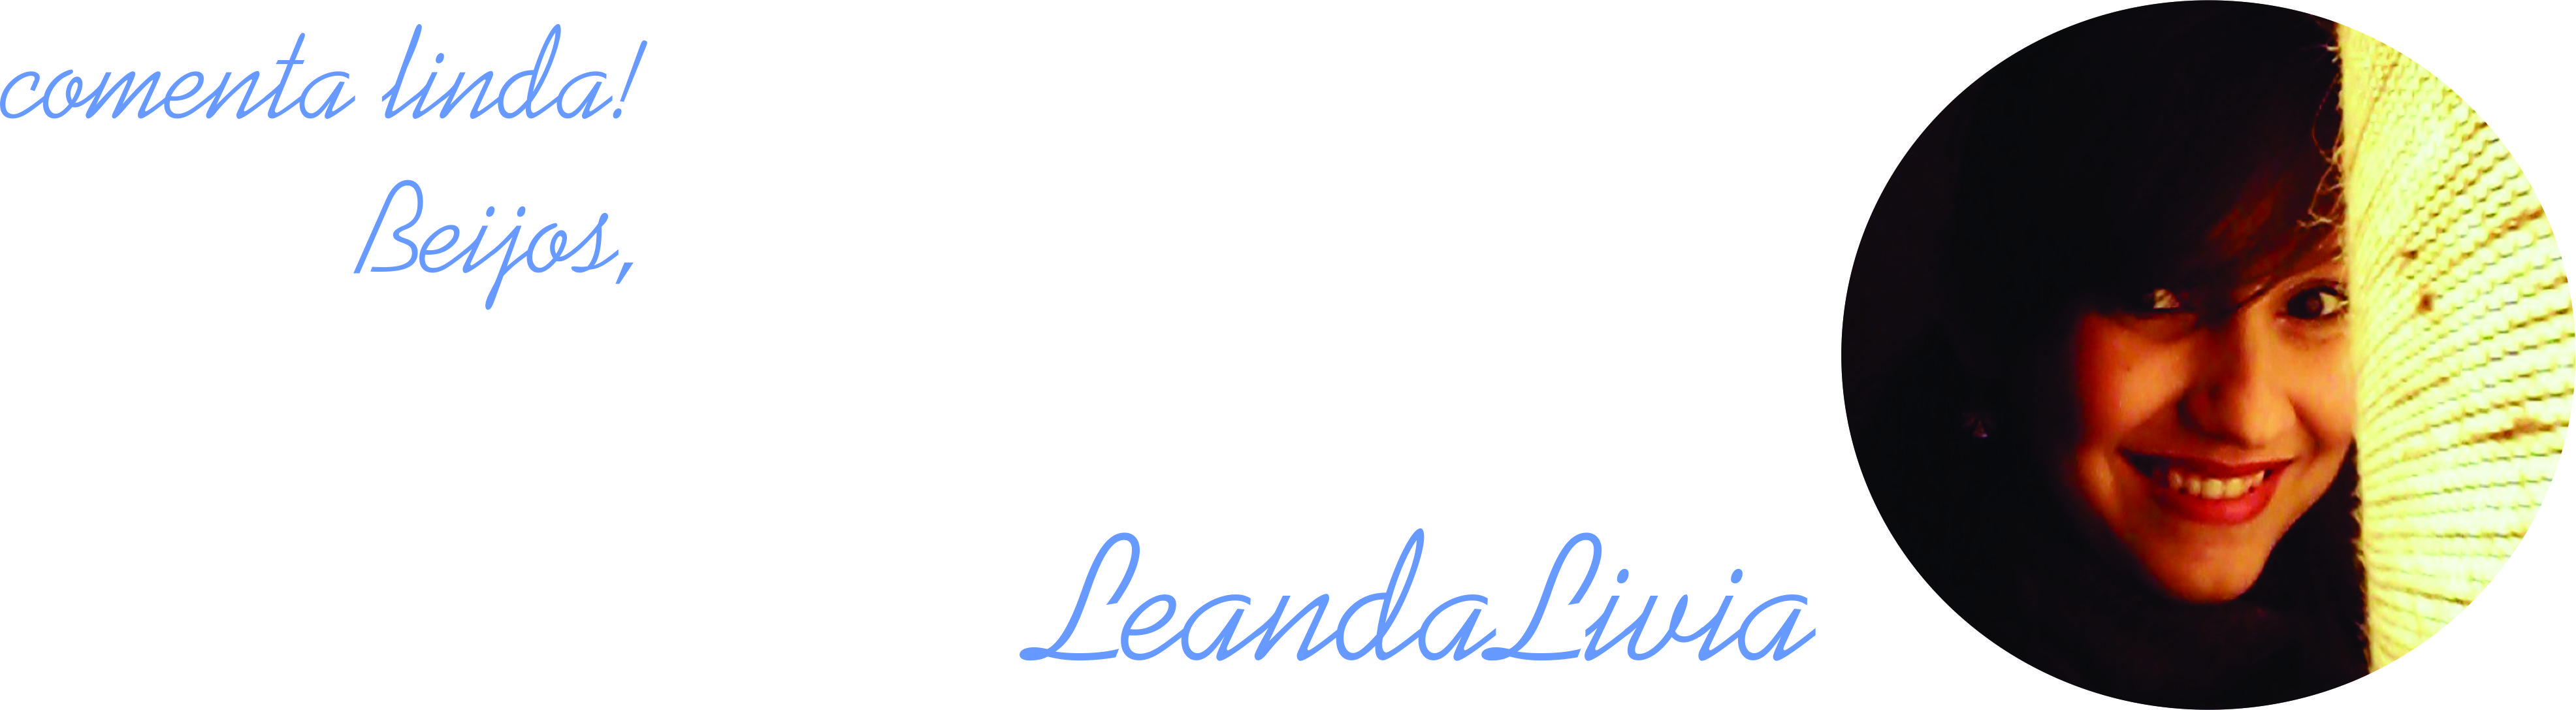 assinatura-do-blog